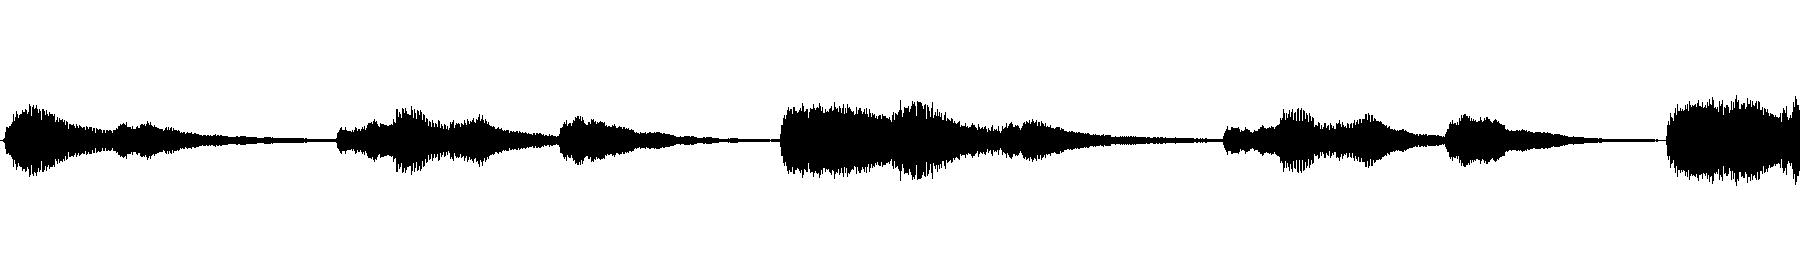 3 audio 0001 2020 03 22 171123